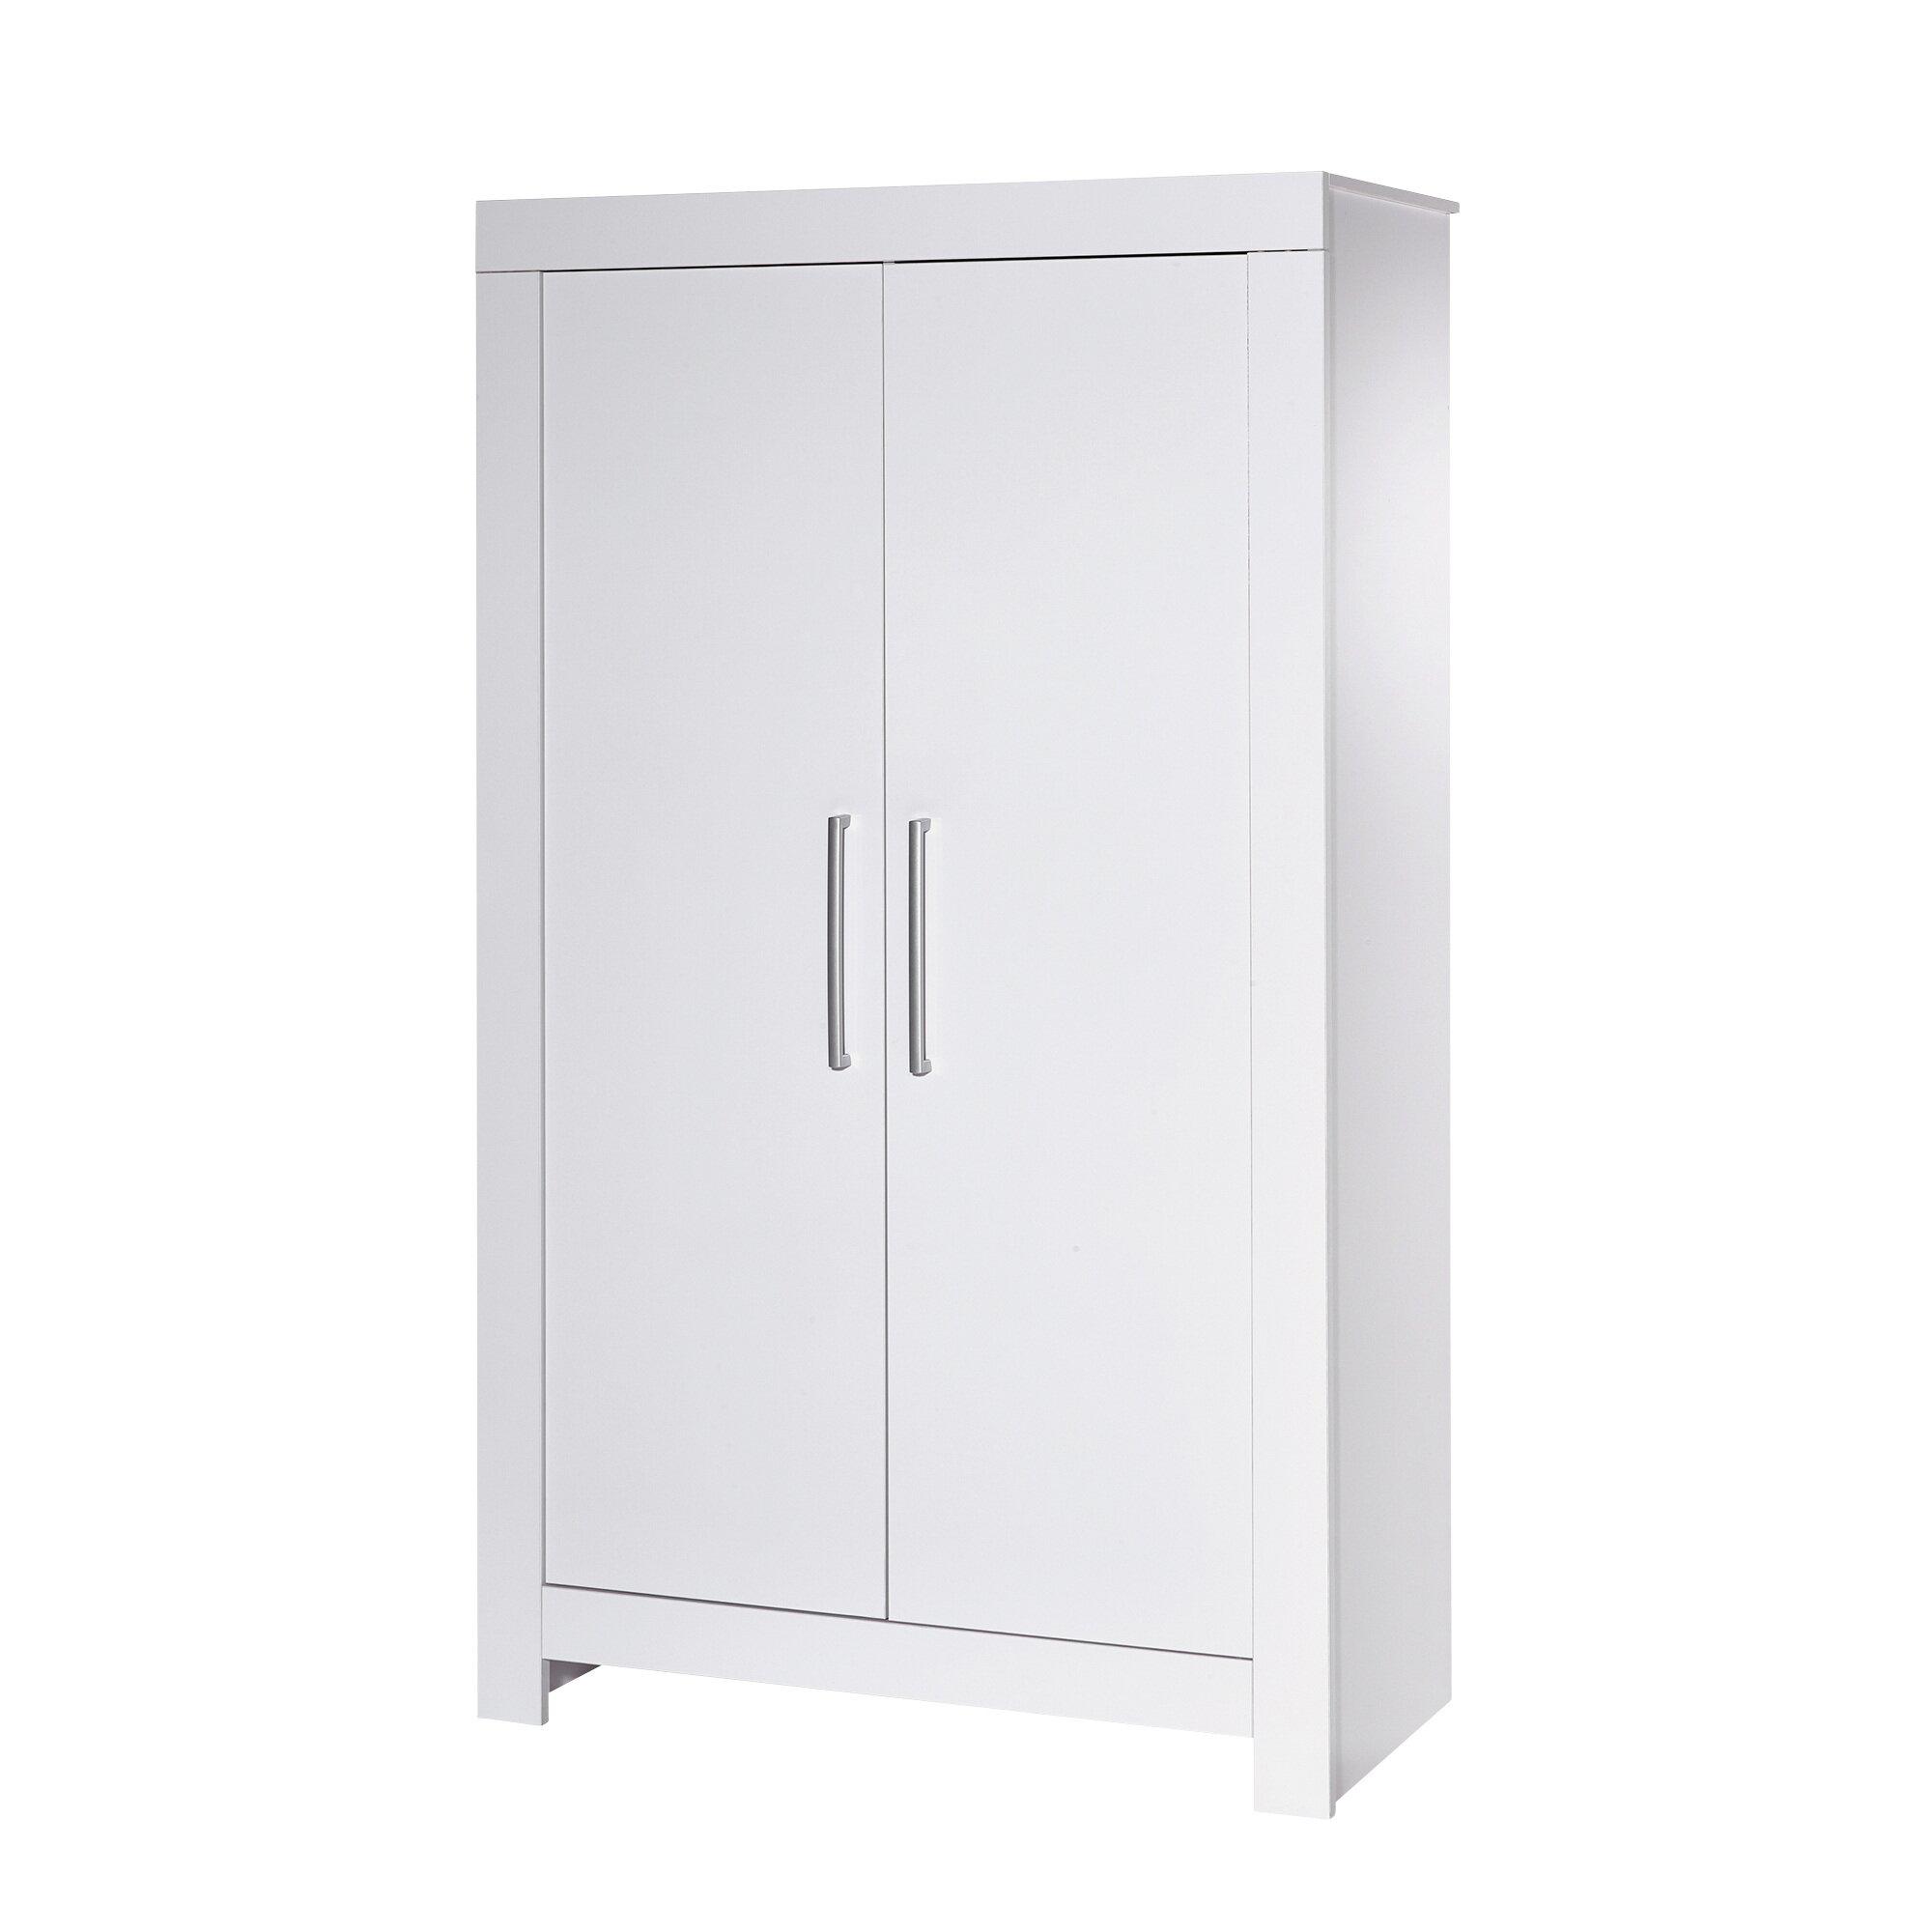 Schardt Kleiderschrank Nordic White 2-türig